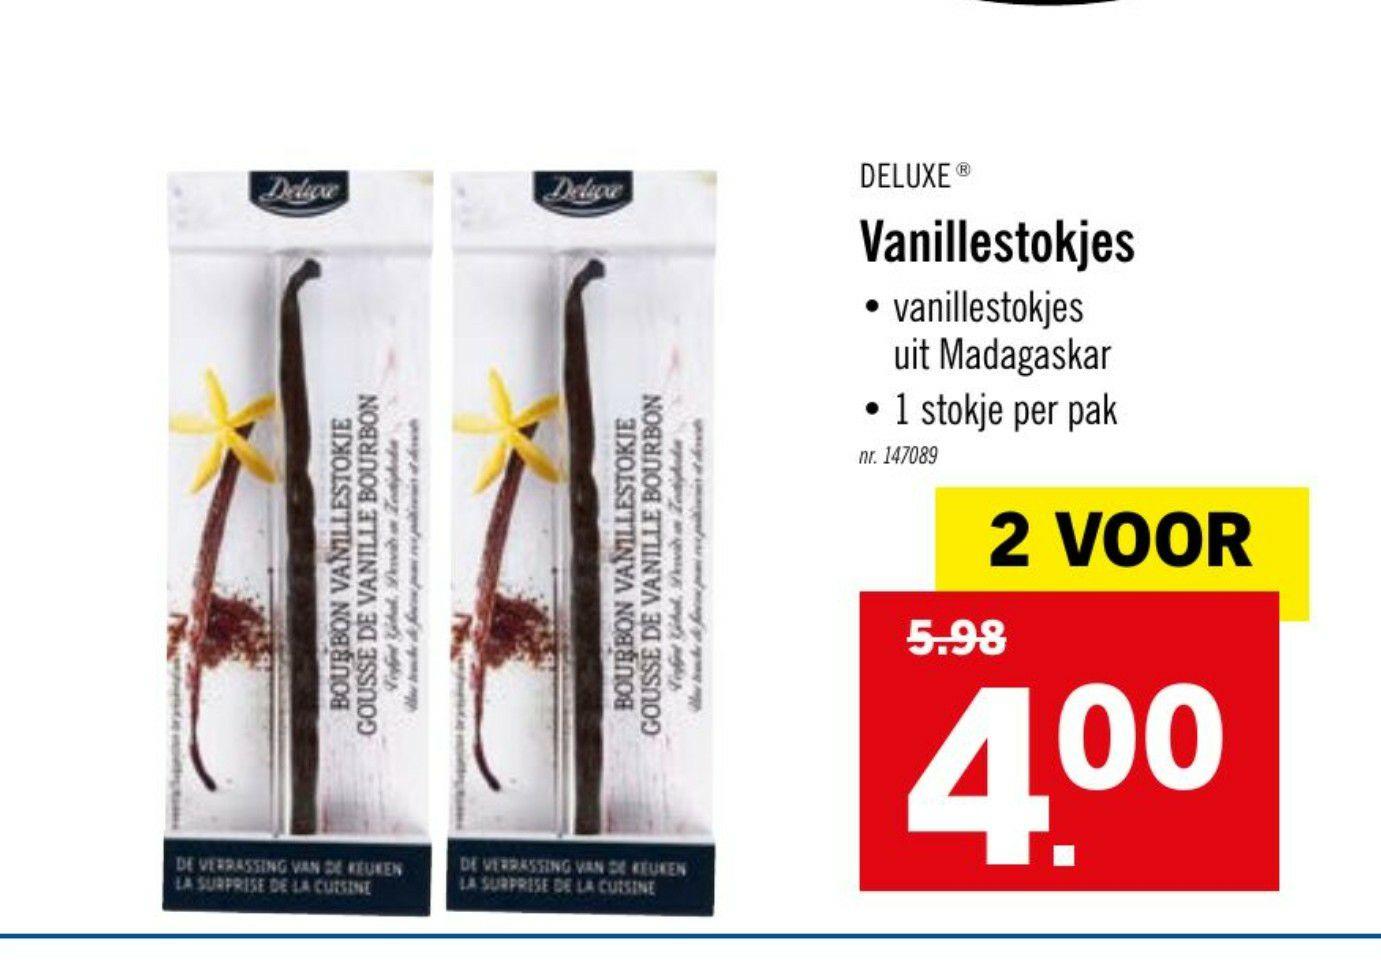 [GRENSDEAL BELGIË] 2 vanillestokjes voor €4 bij Lidl